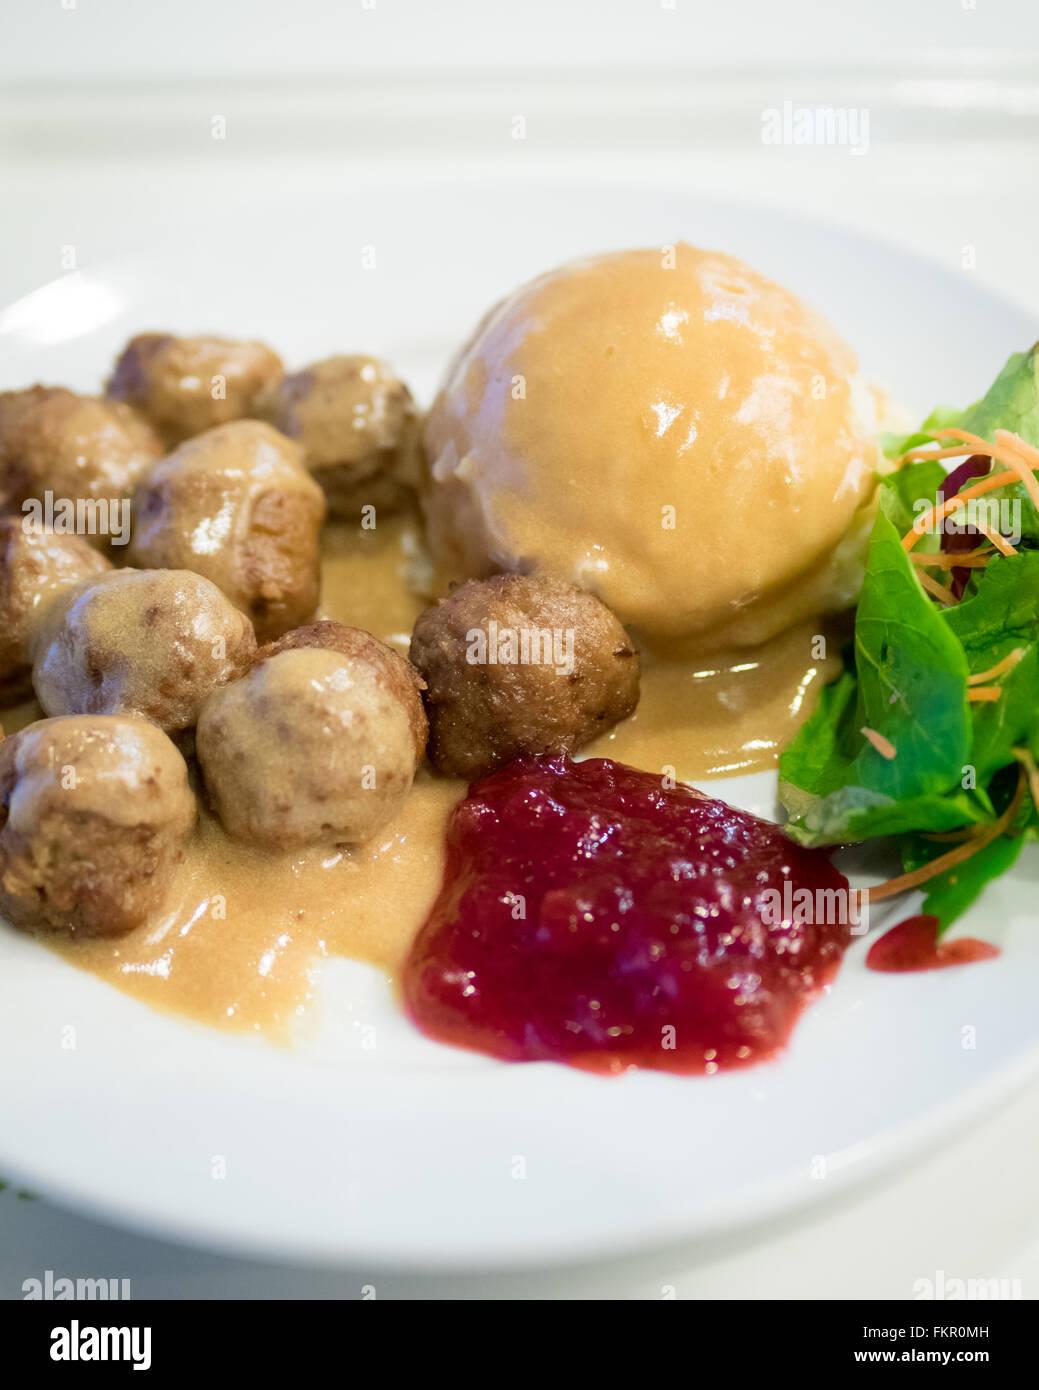 Eine Platte von IKEA Frikadellen, Kartoffelpüree, Sahne Soße, grüner Salat und Preiselbeer-Sauce. Stockbild